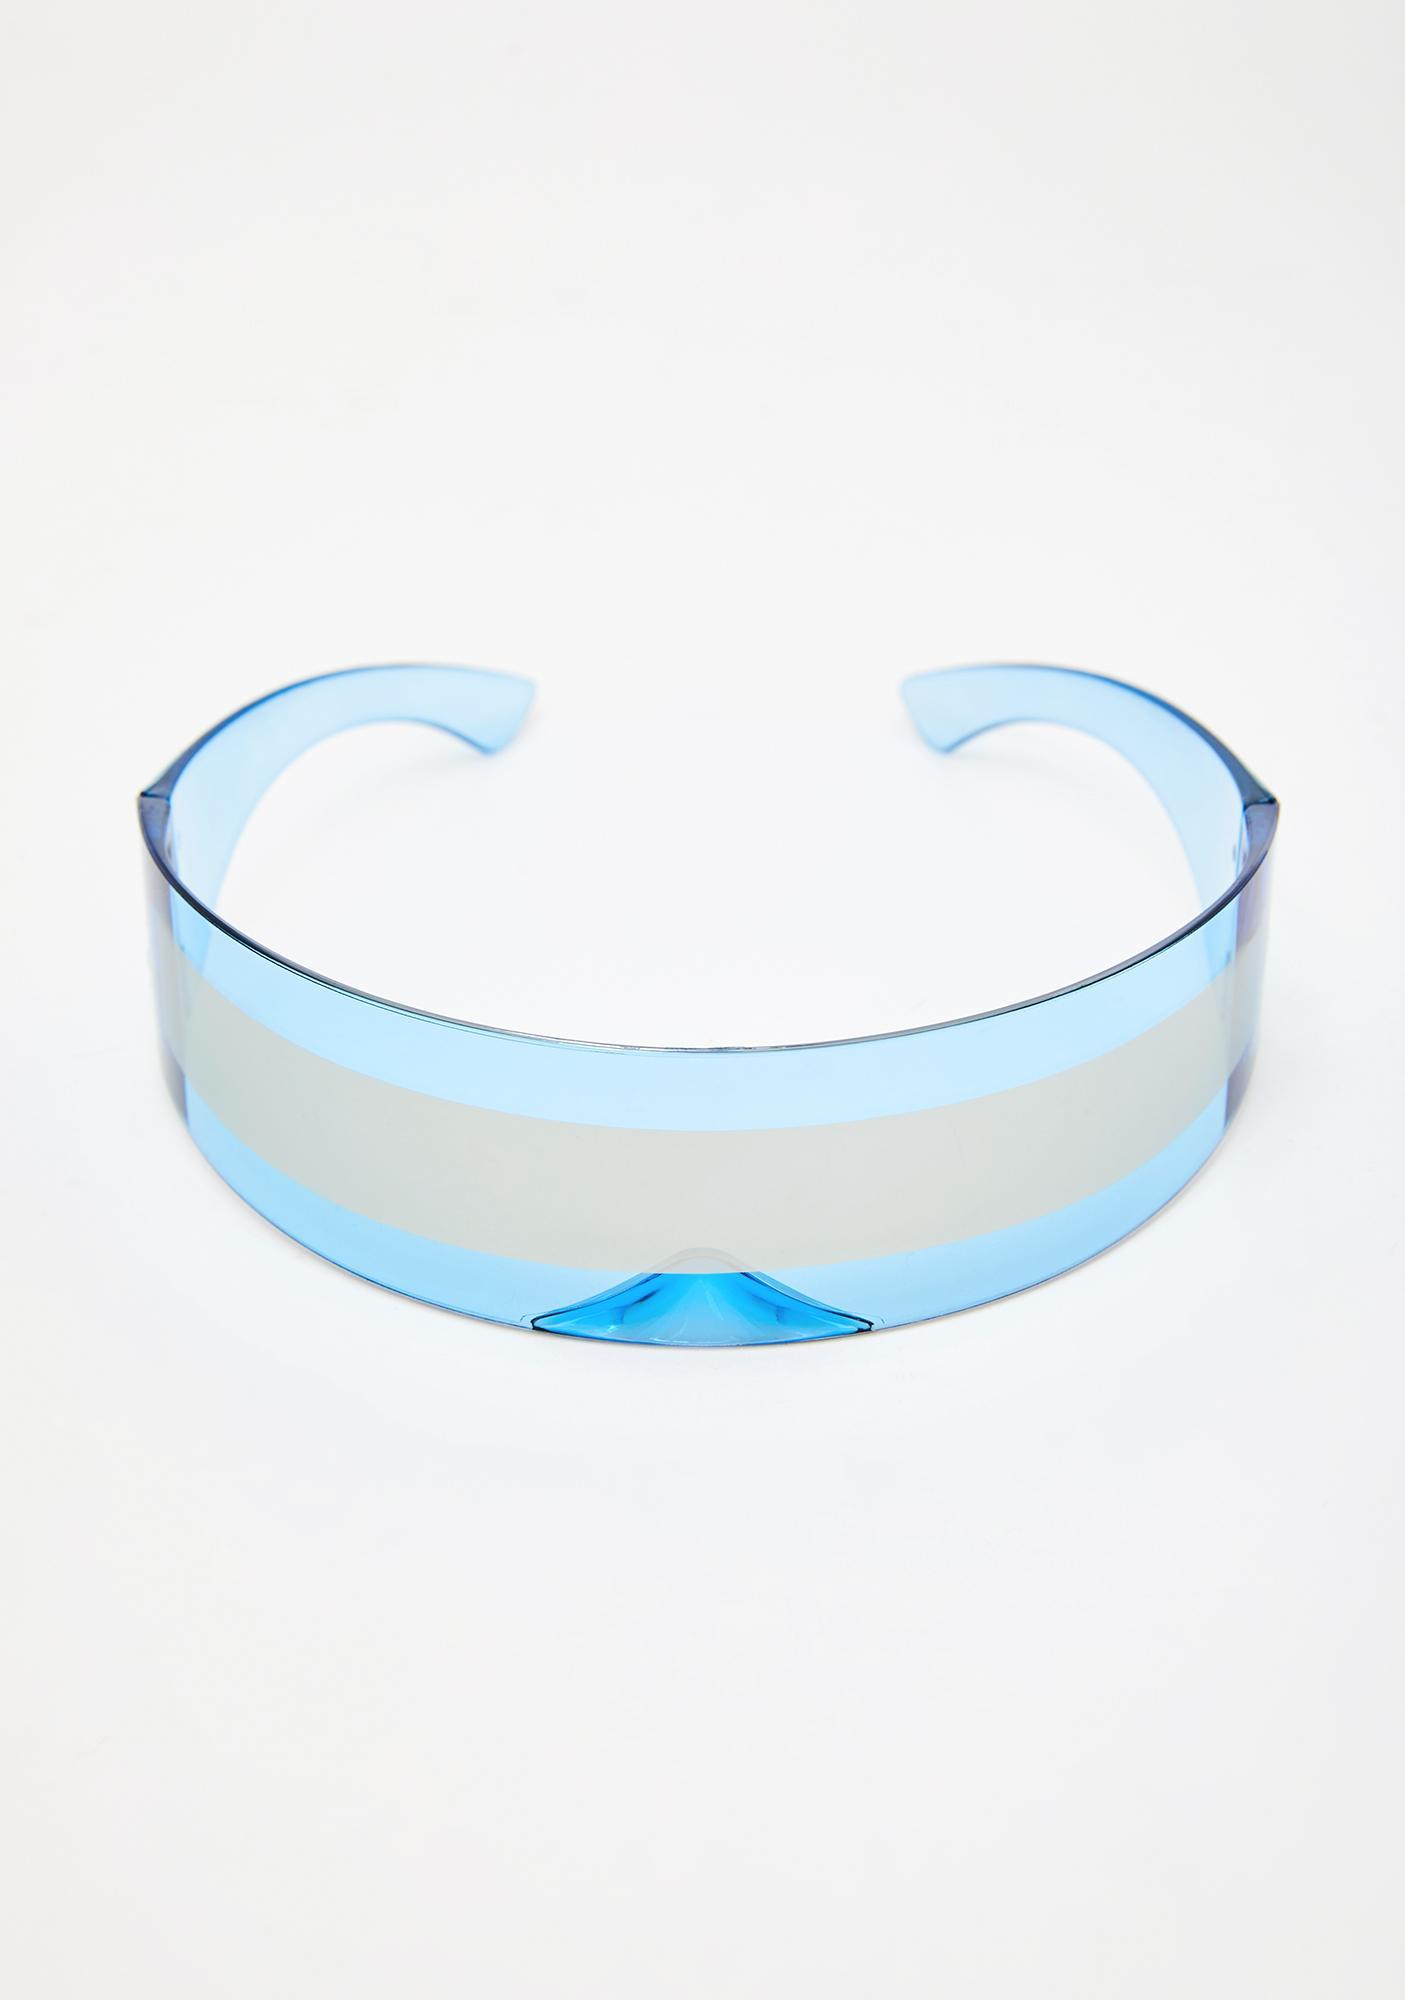 Futuristic Freeze Shield Sunglasses